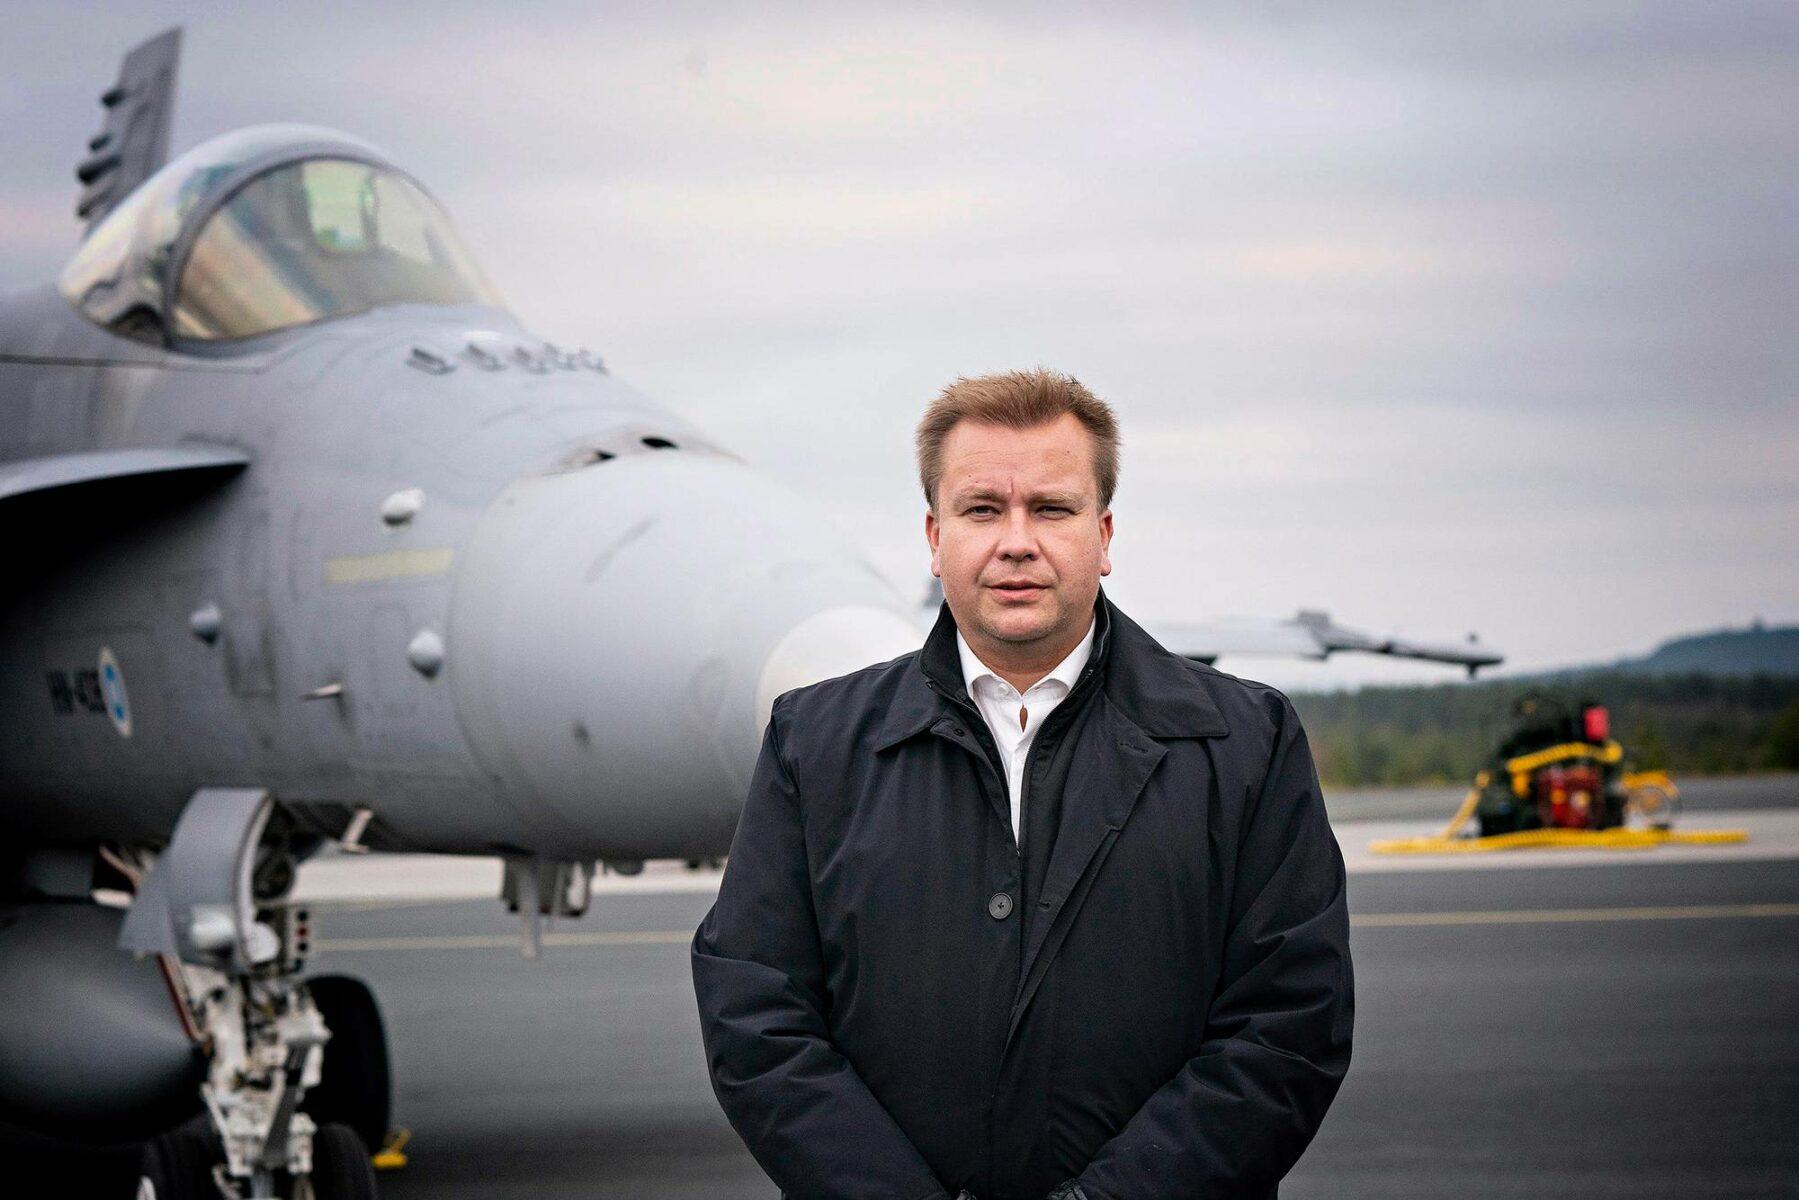 Puolustusministeri Antti Kaikkonen Ruska 20 -sotaharjoituksessa Rovaniemellä syksyllä 2020.